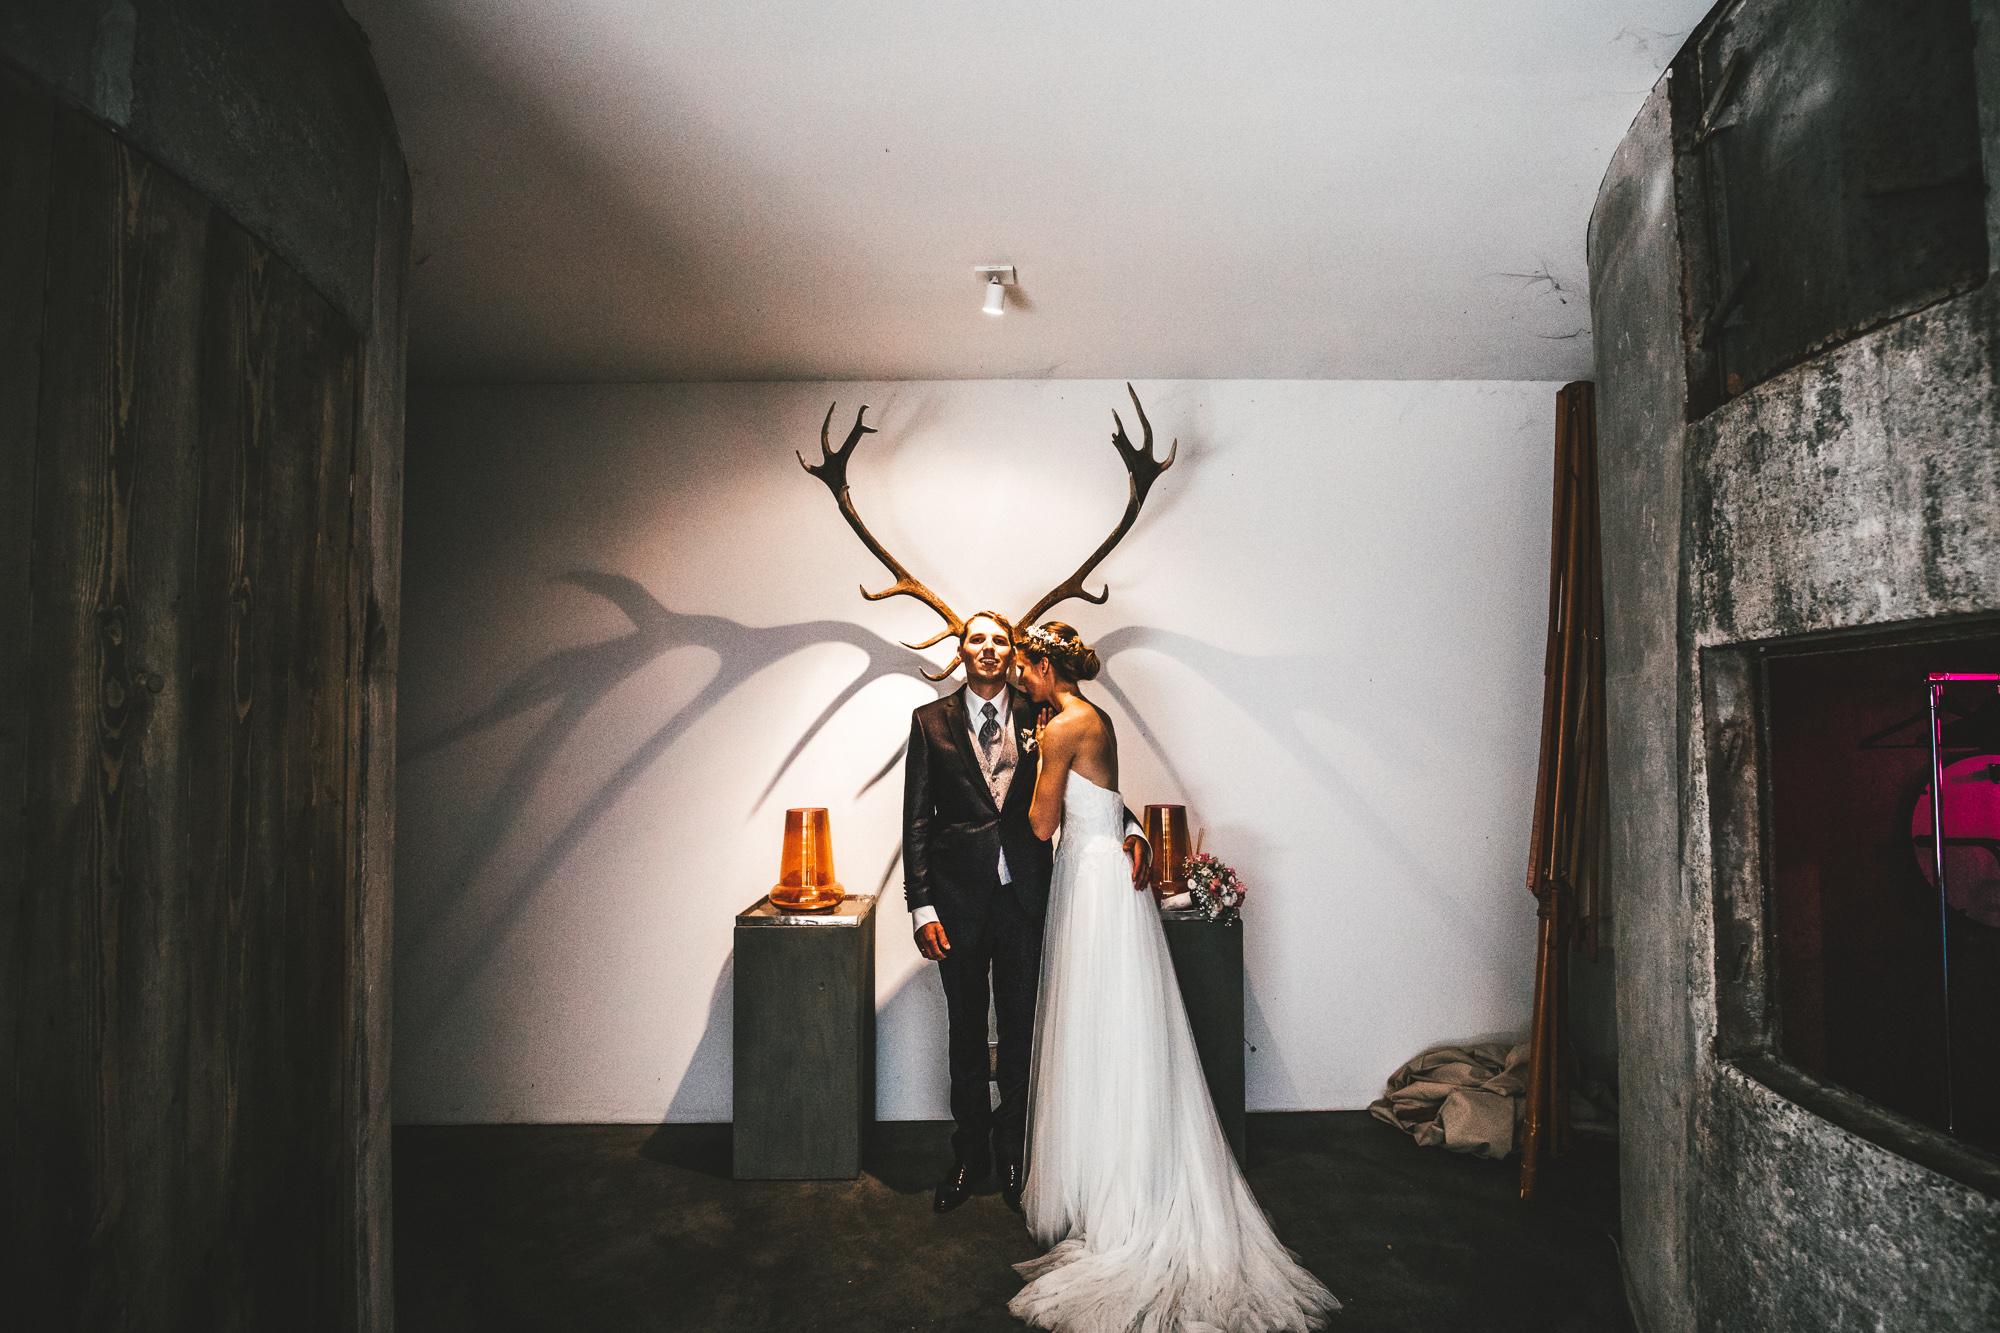 annethomas 313 - Hochzeit im wunderschönen Ladenburg in Eichenstolz